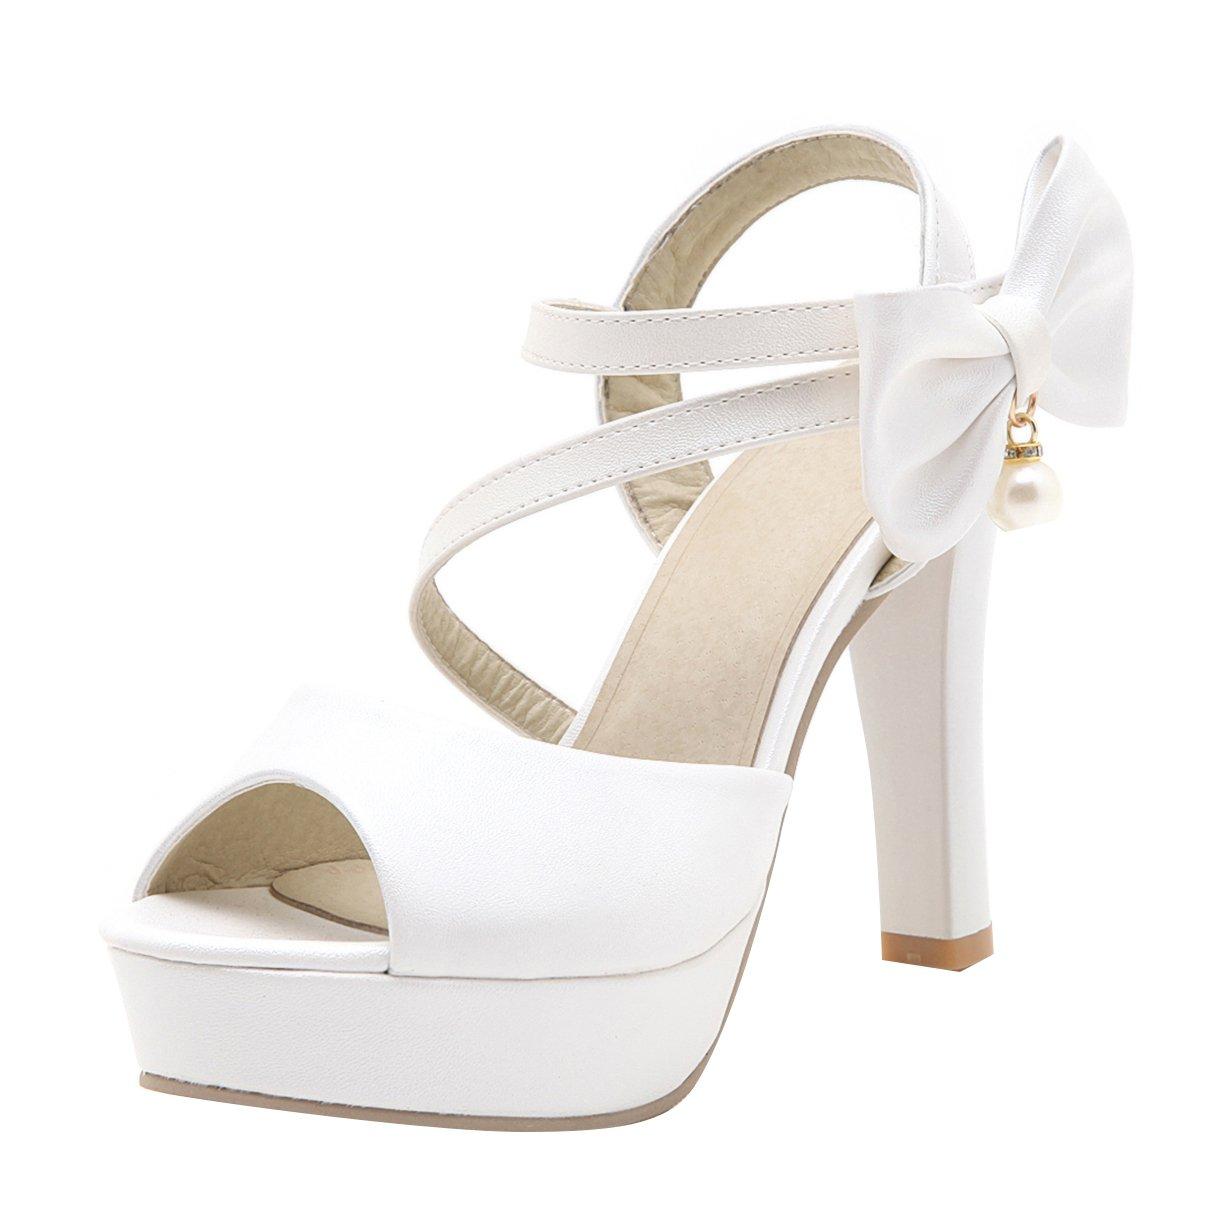 JYshoes 19582 , Plateforme Femme , B0016MZKJM Wei? 5528e1c - shopssong.space